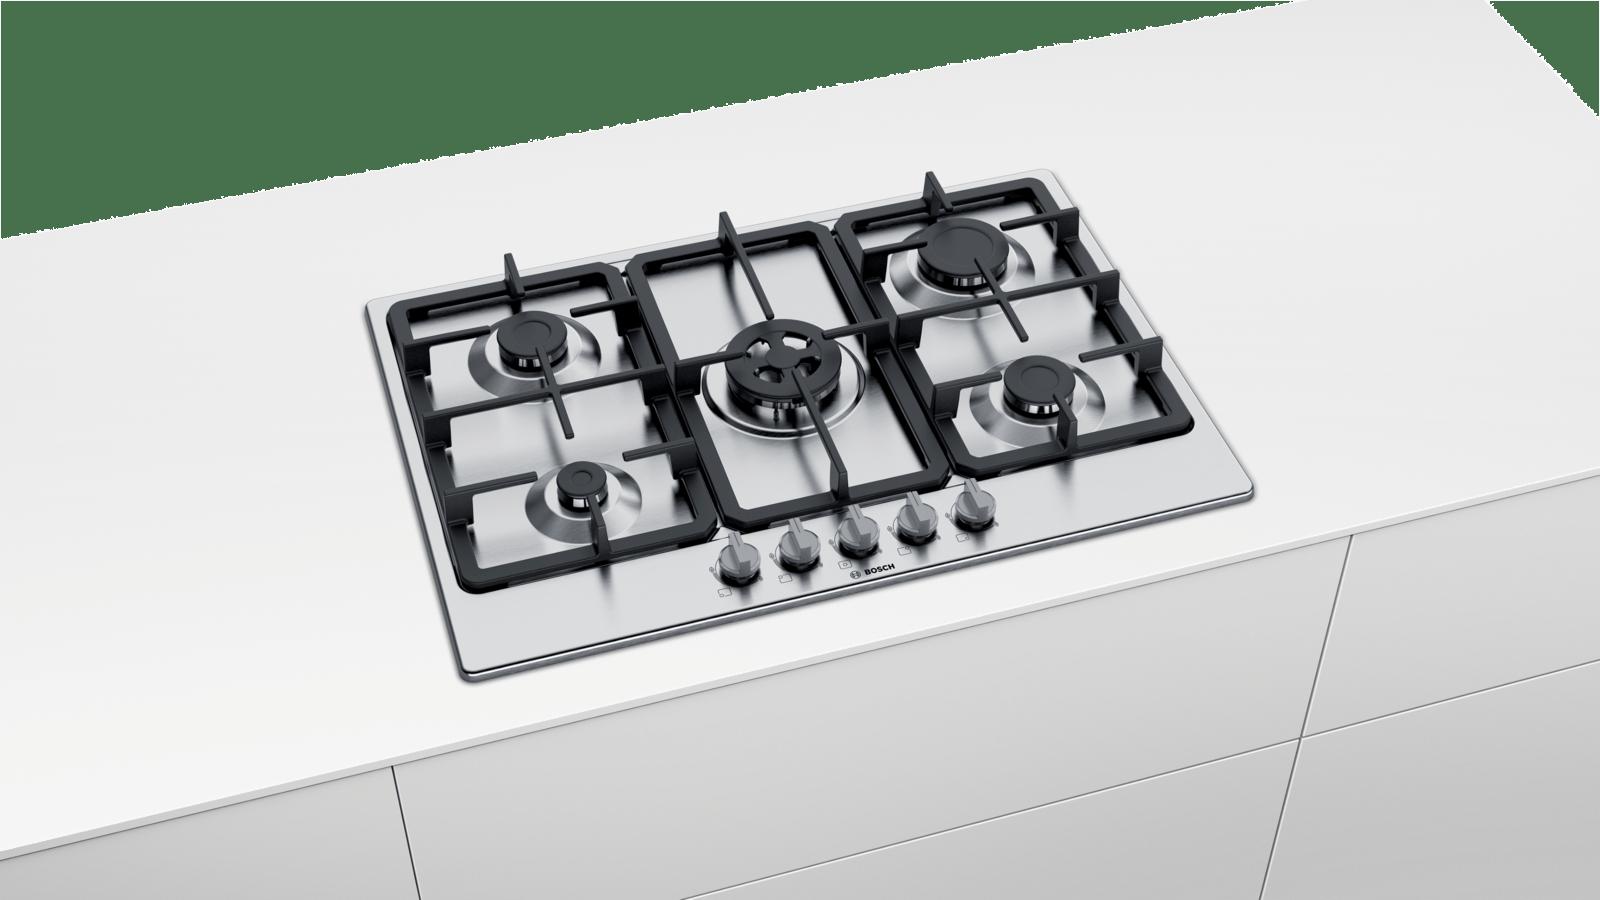 BOSCH pbp6b5b80 Gas Piano cottura in acciaio inox-organismo monastica giacimento 60cm NUOVO